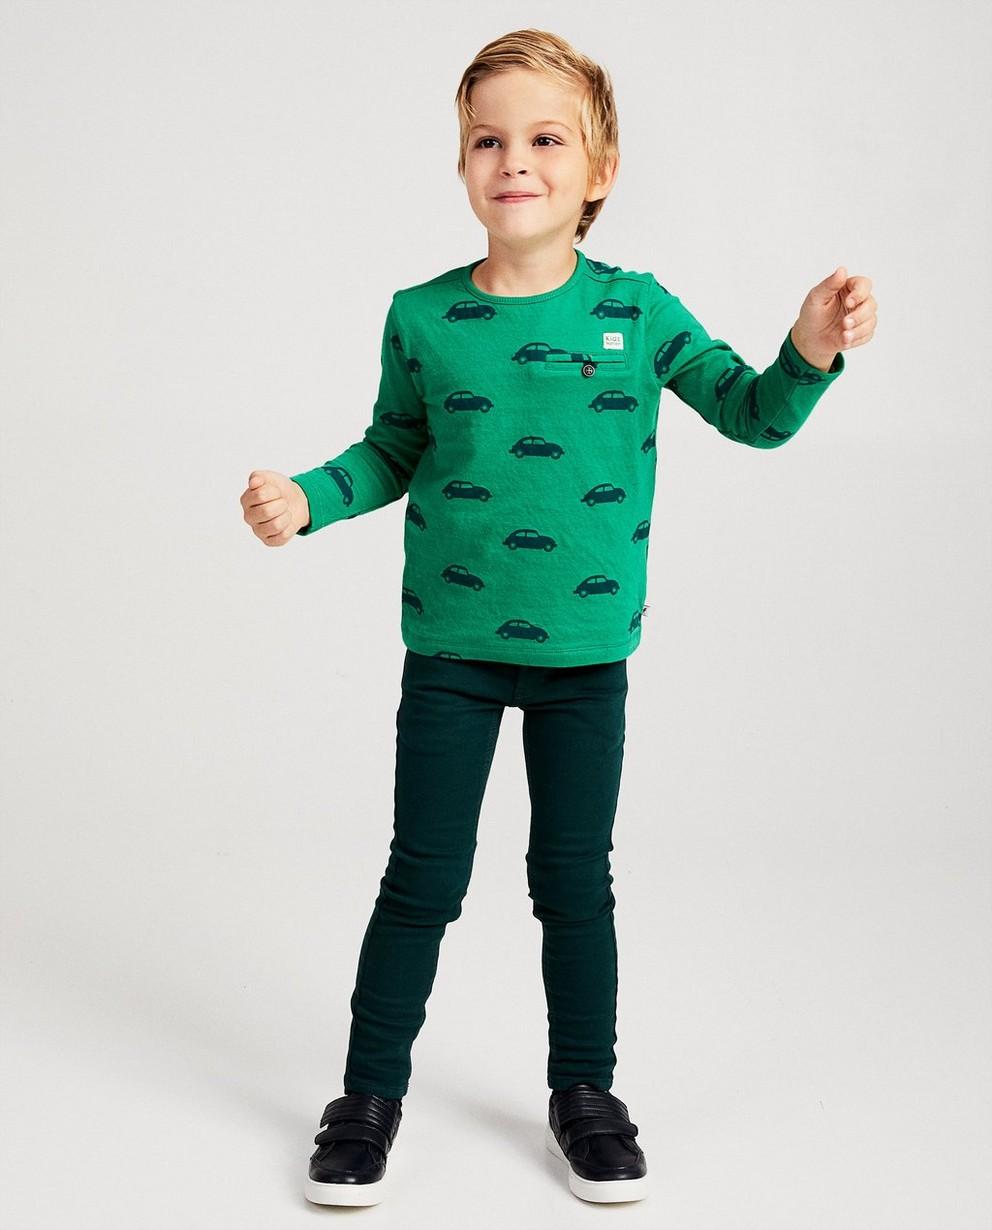 Donkergroene skinny JOEY, 2-7 jaar - green streets - JBC